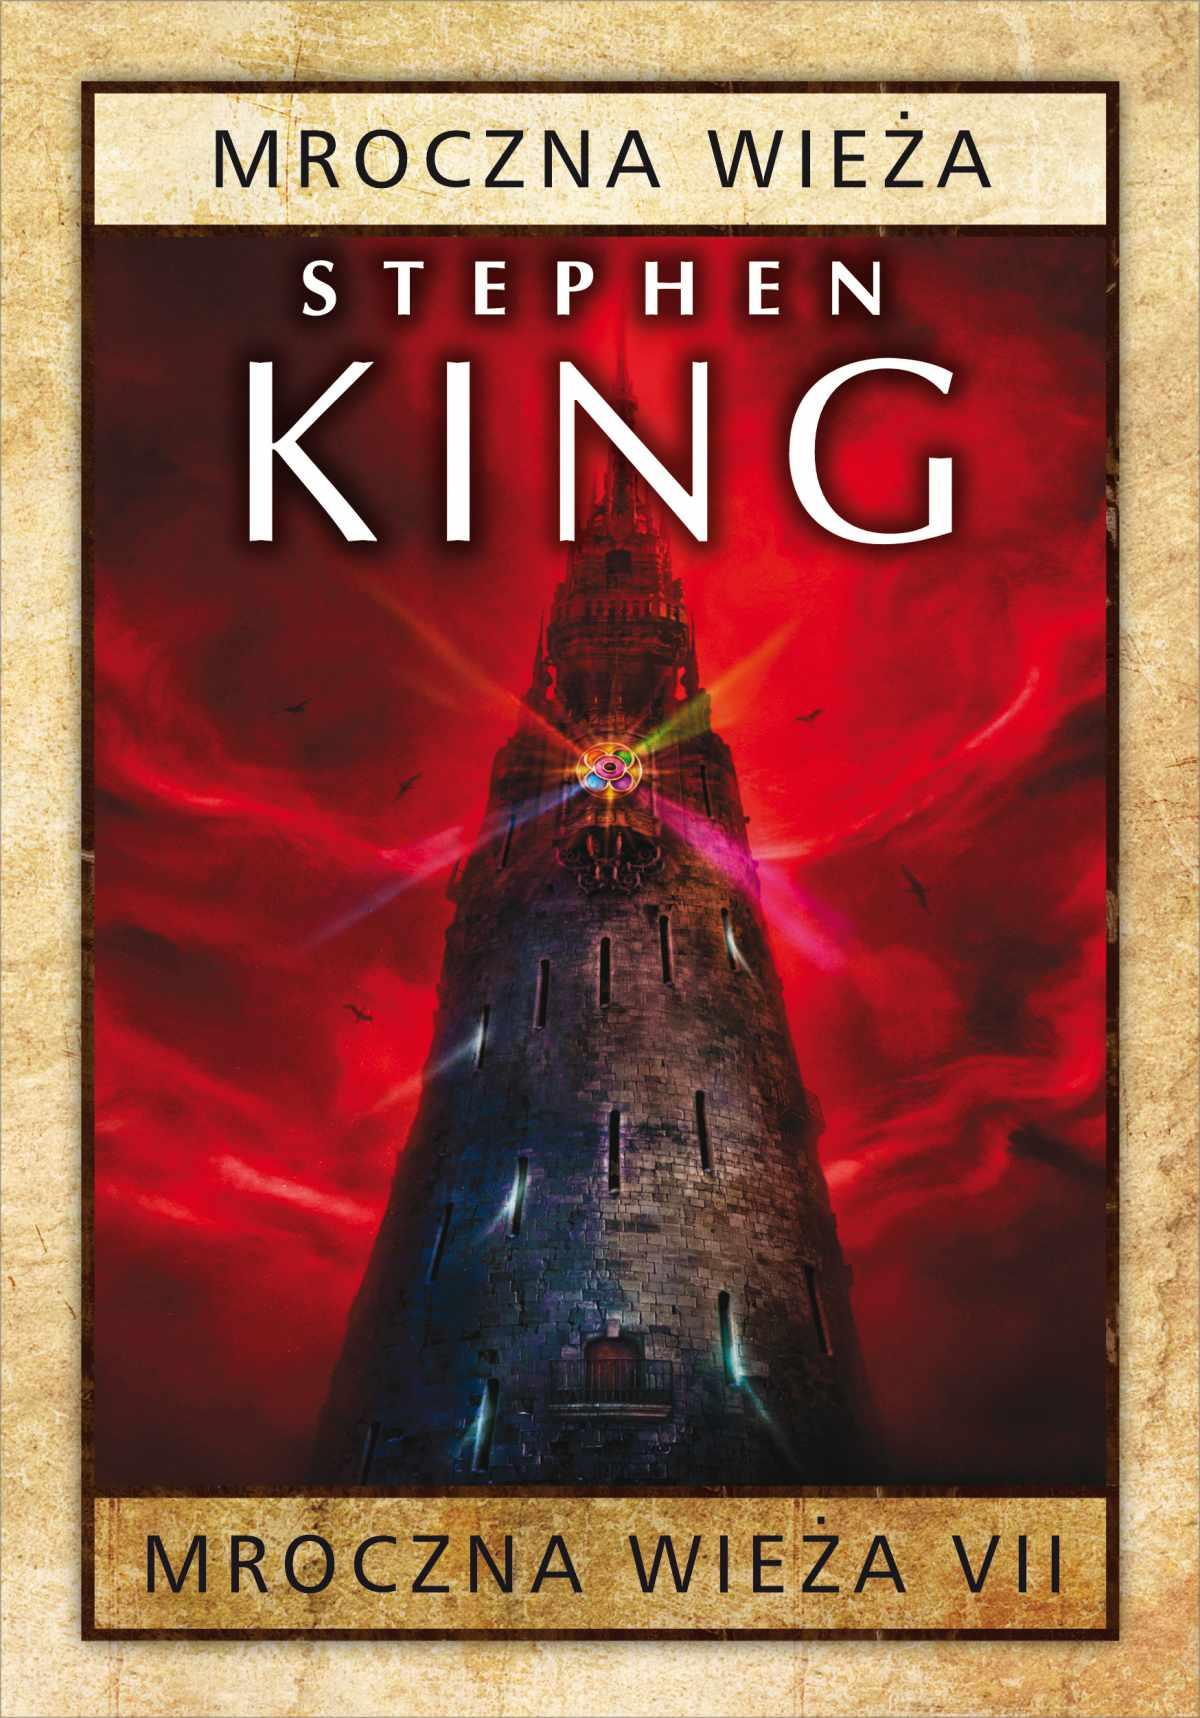 Mroczna Wieża VII: Mroczna Wieża - Ebook (Książka na Kindle) do pobrania w formacie MOBI